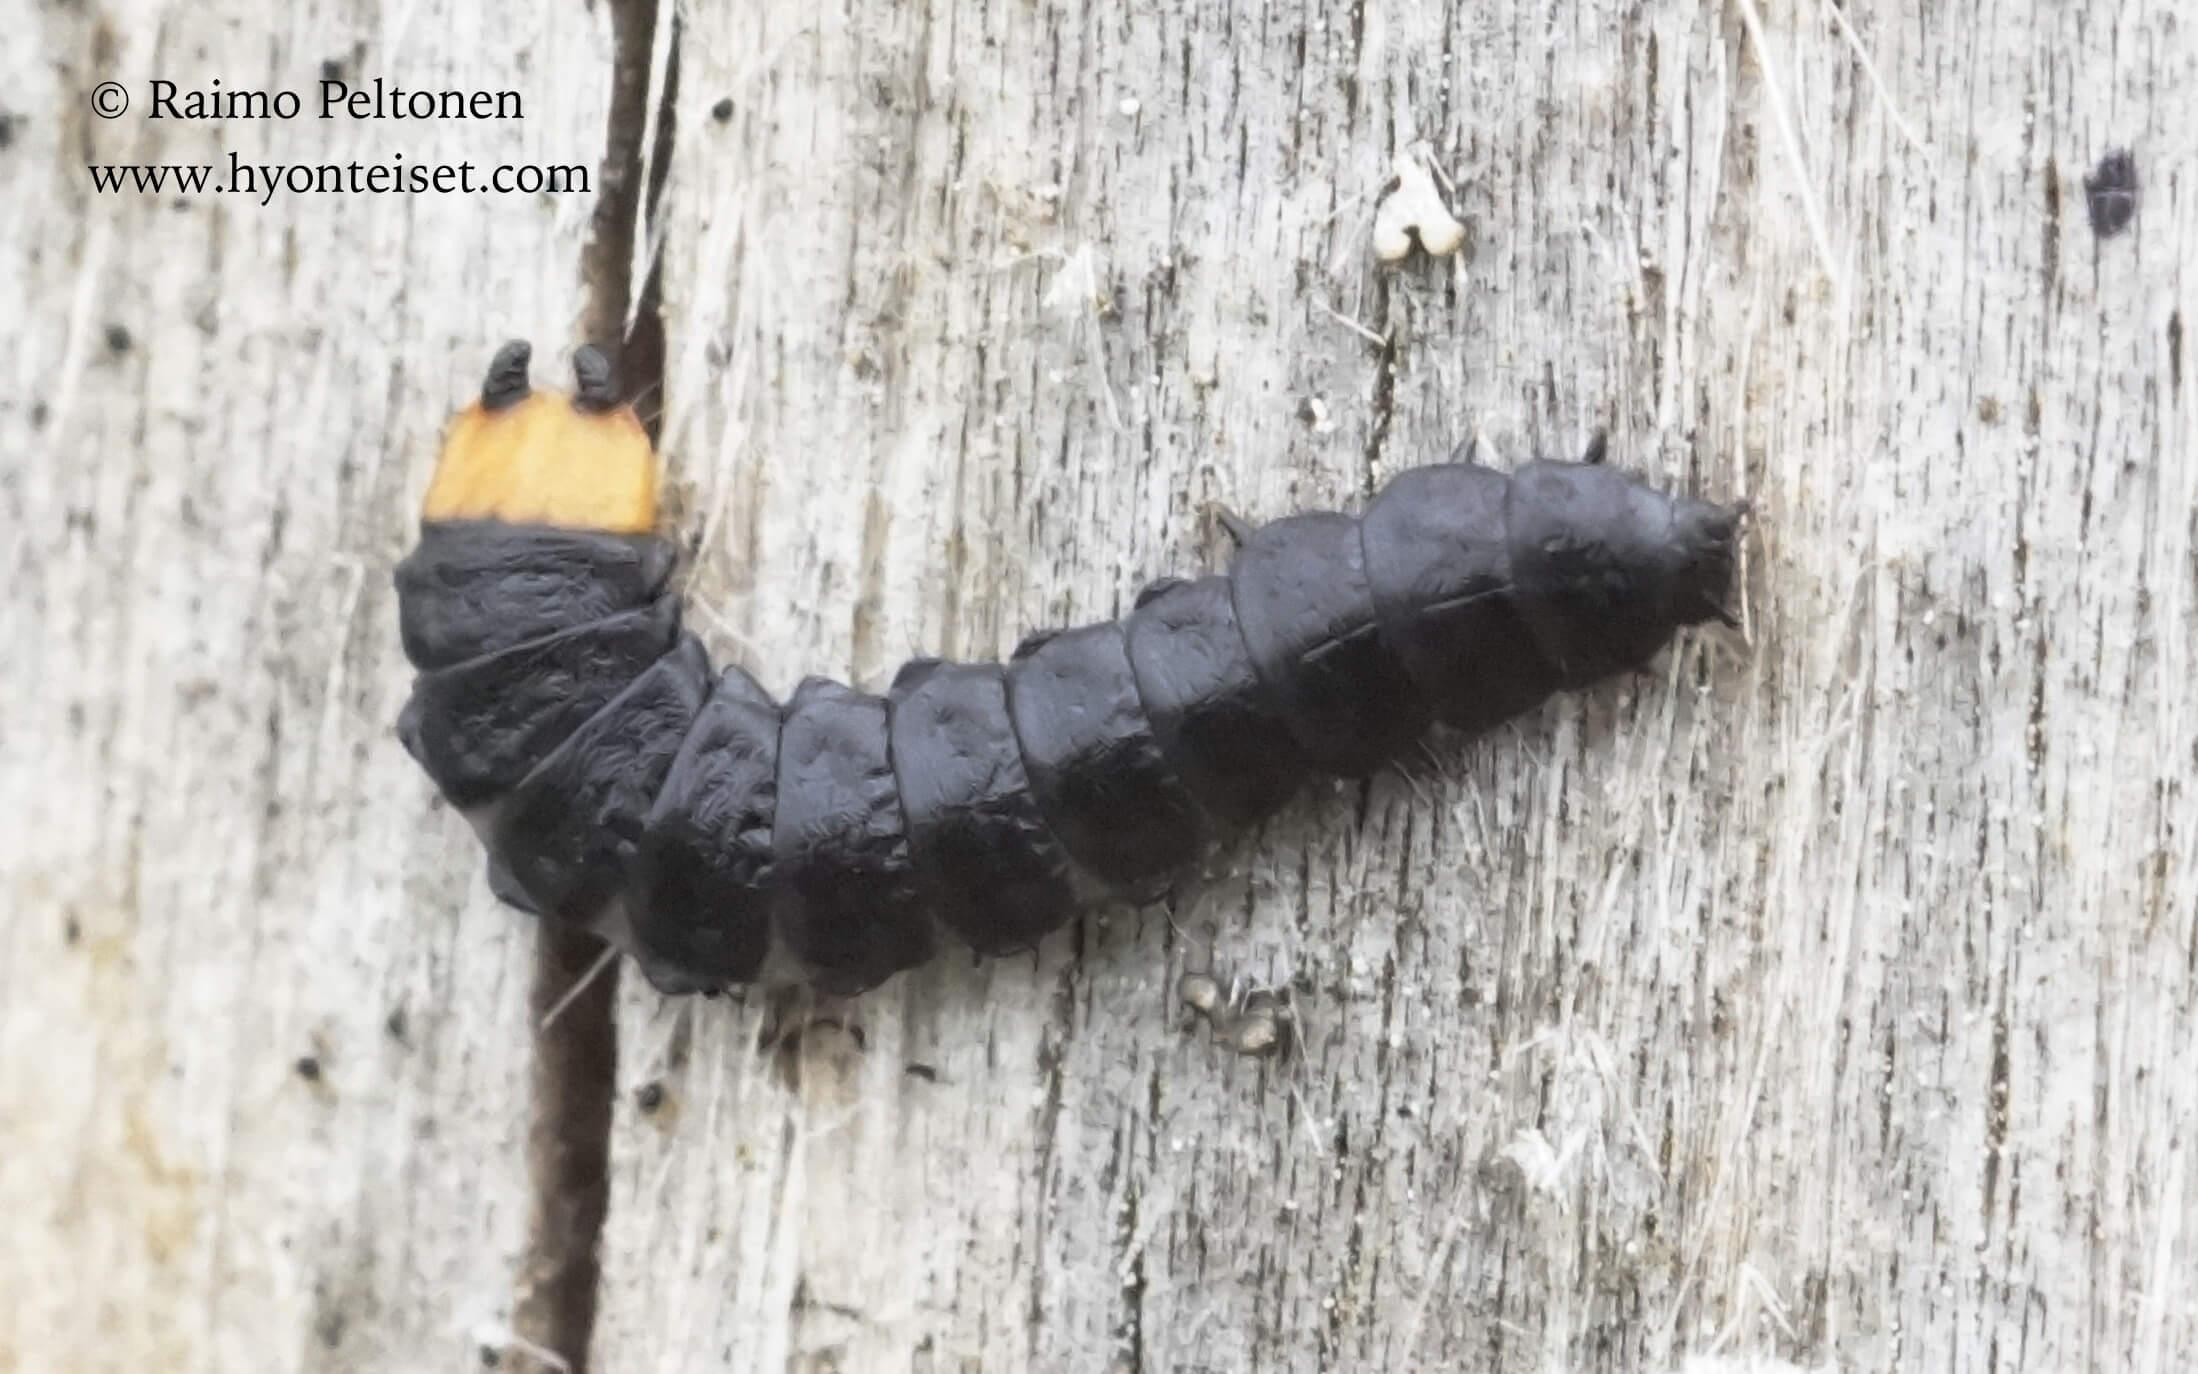 Lygistopterus sanguineus-rusokuoriainen, toukka (det. Juhani Vesanen), 22.7.2016 Jyväskylä